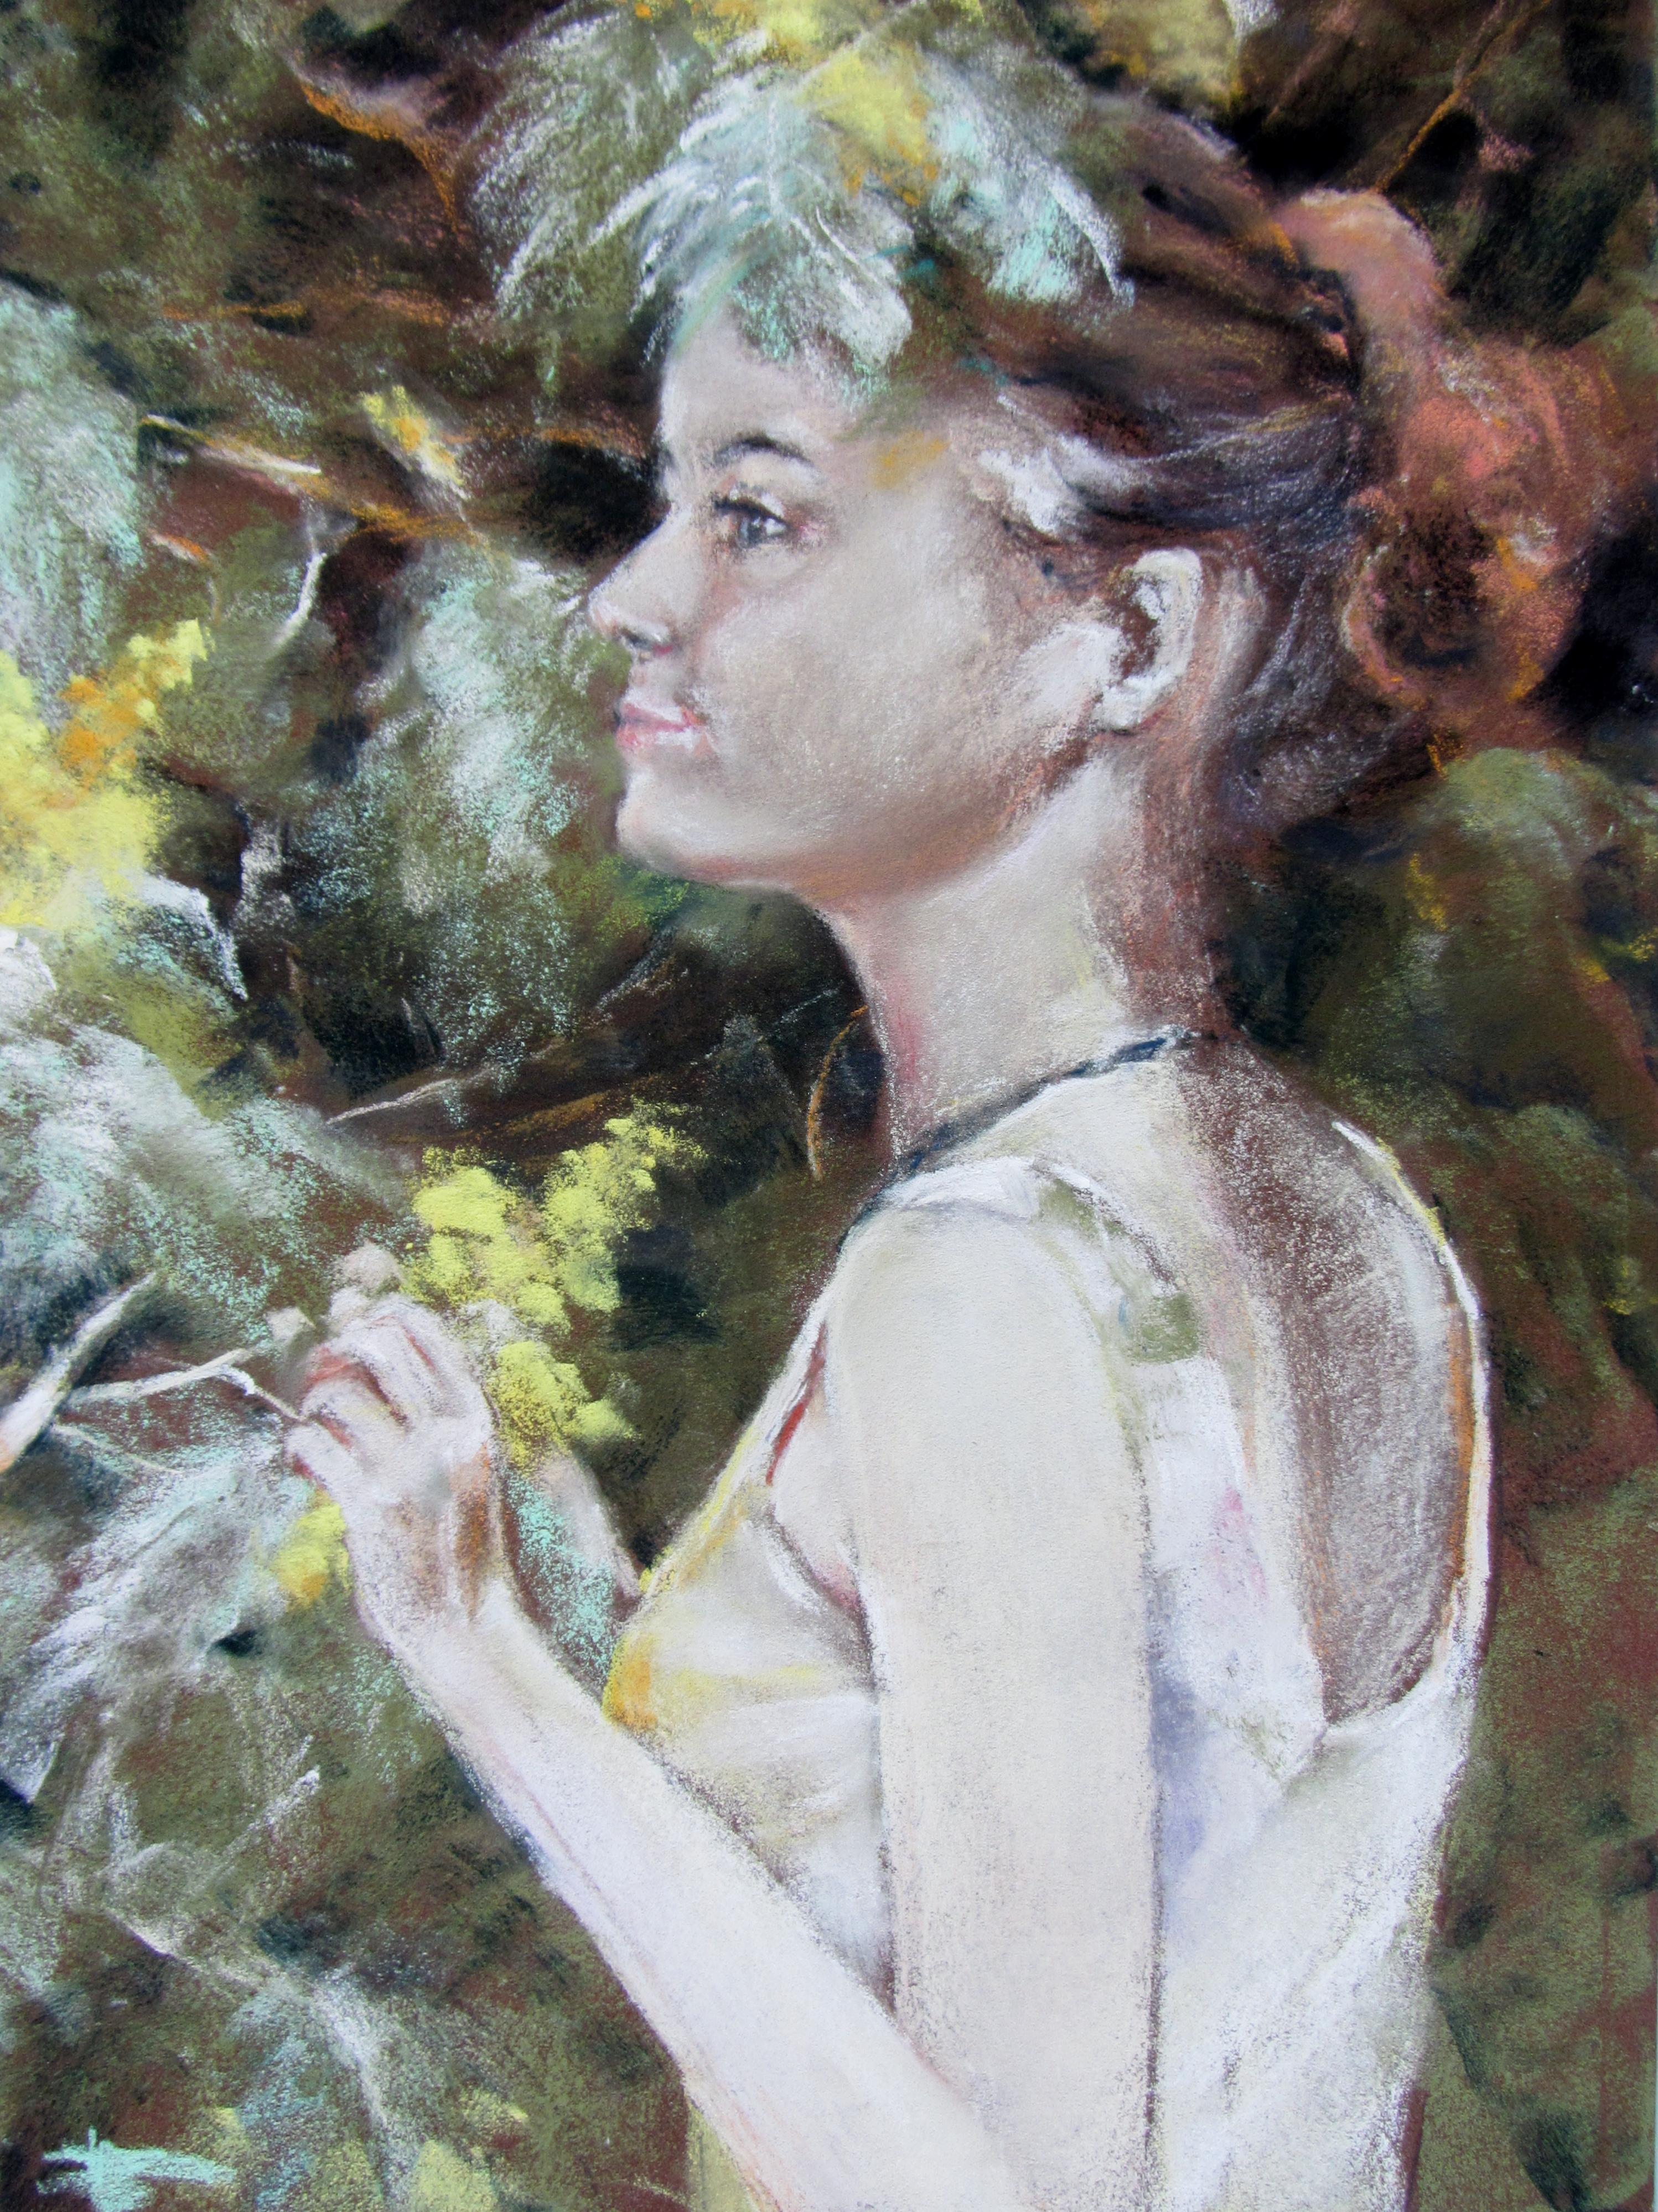 Portrait de ma fille Mallory - Pastel sec par Isabelle Douzamy - 30x40 cm